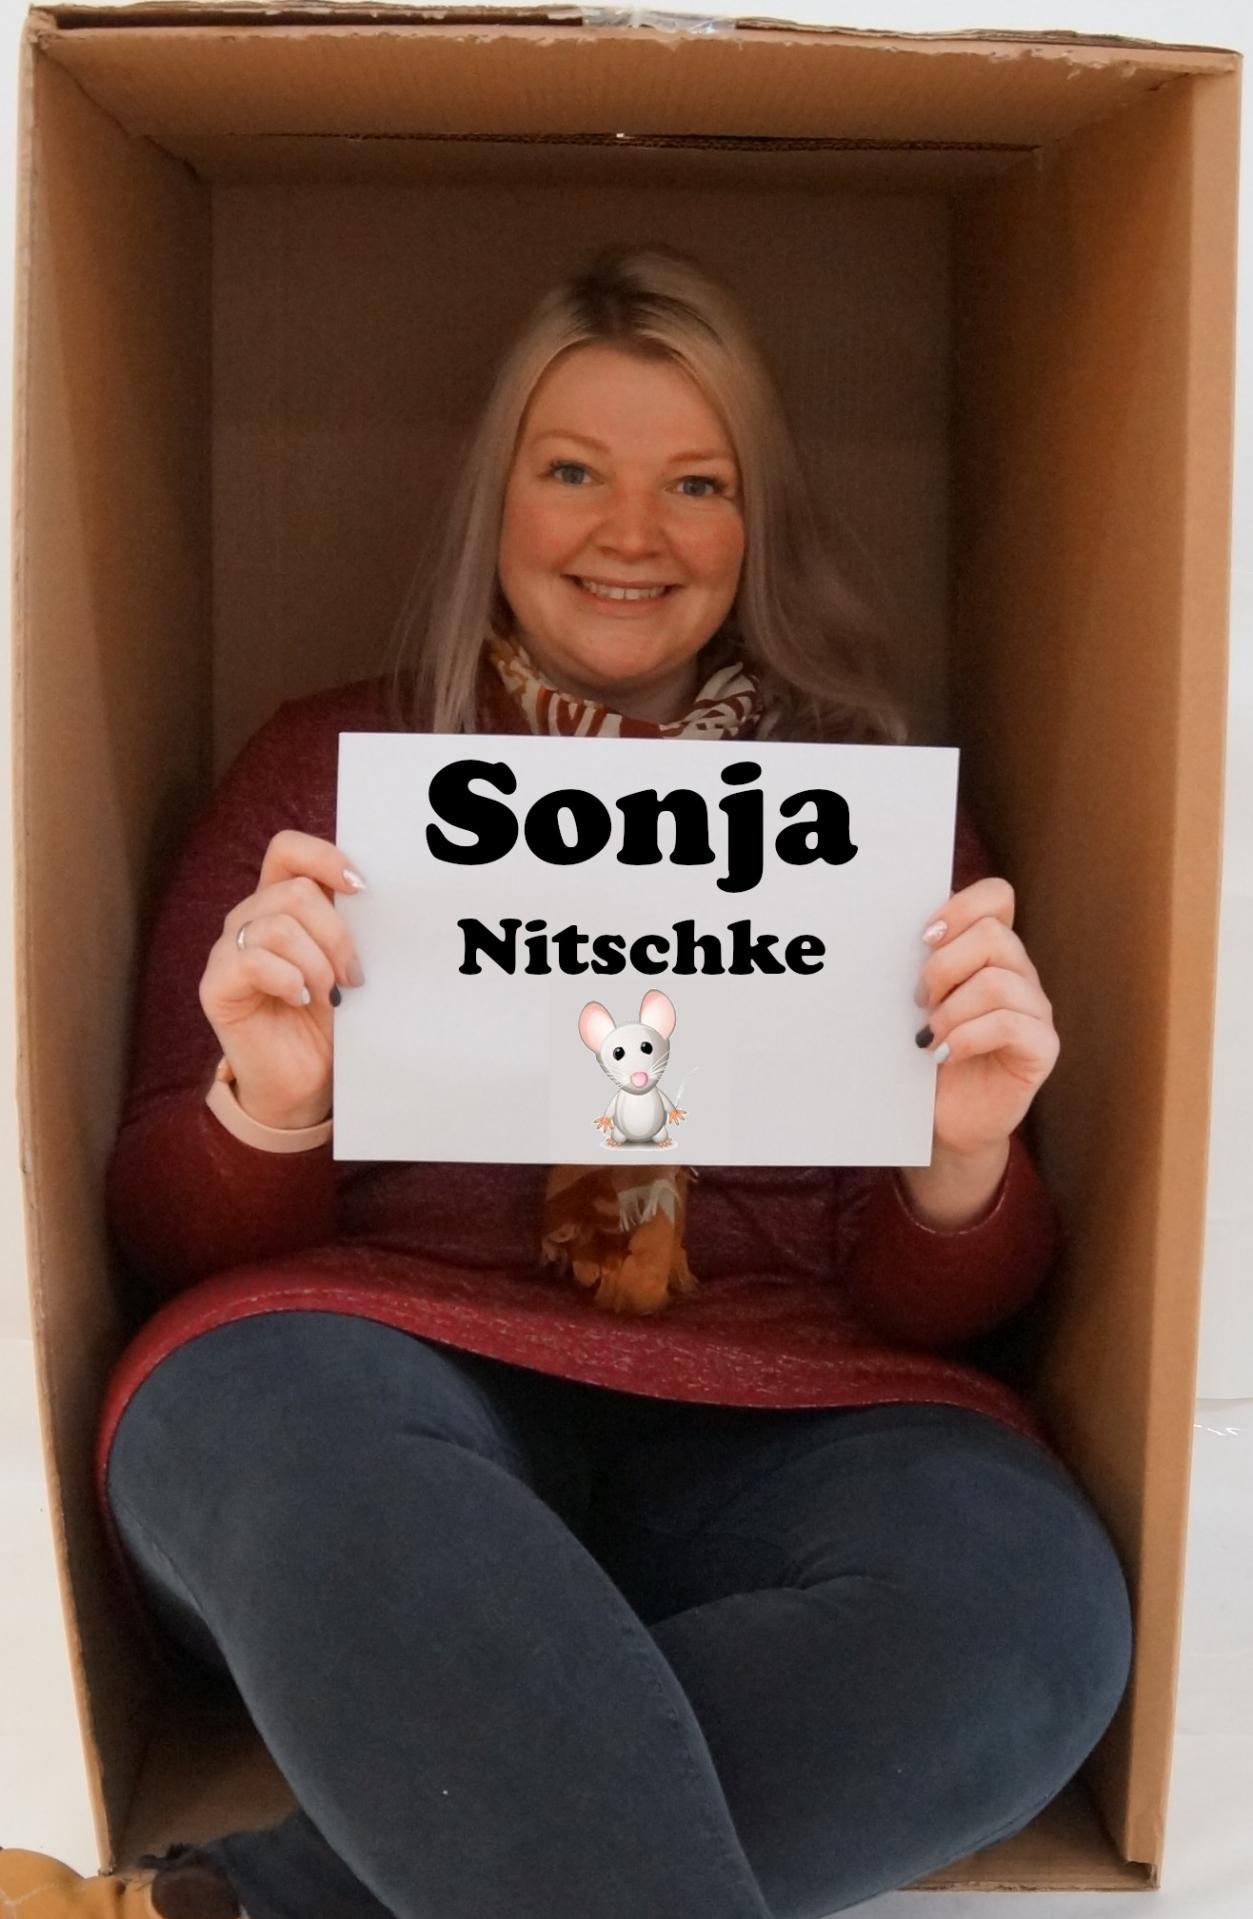 Sonja Nitschke